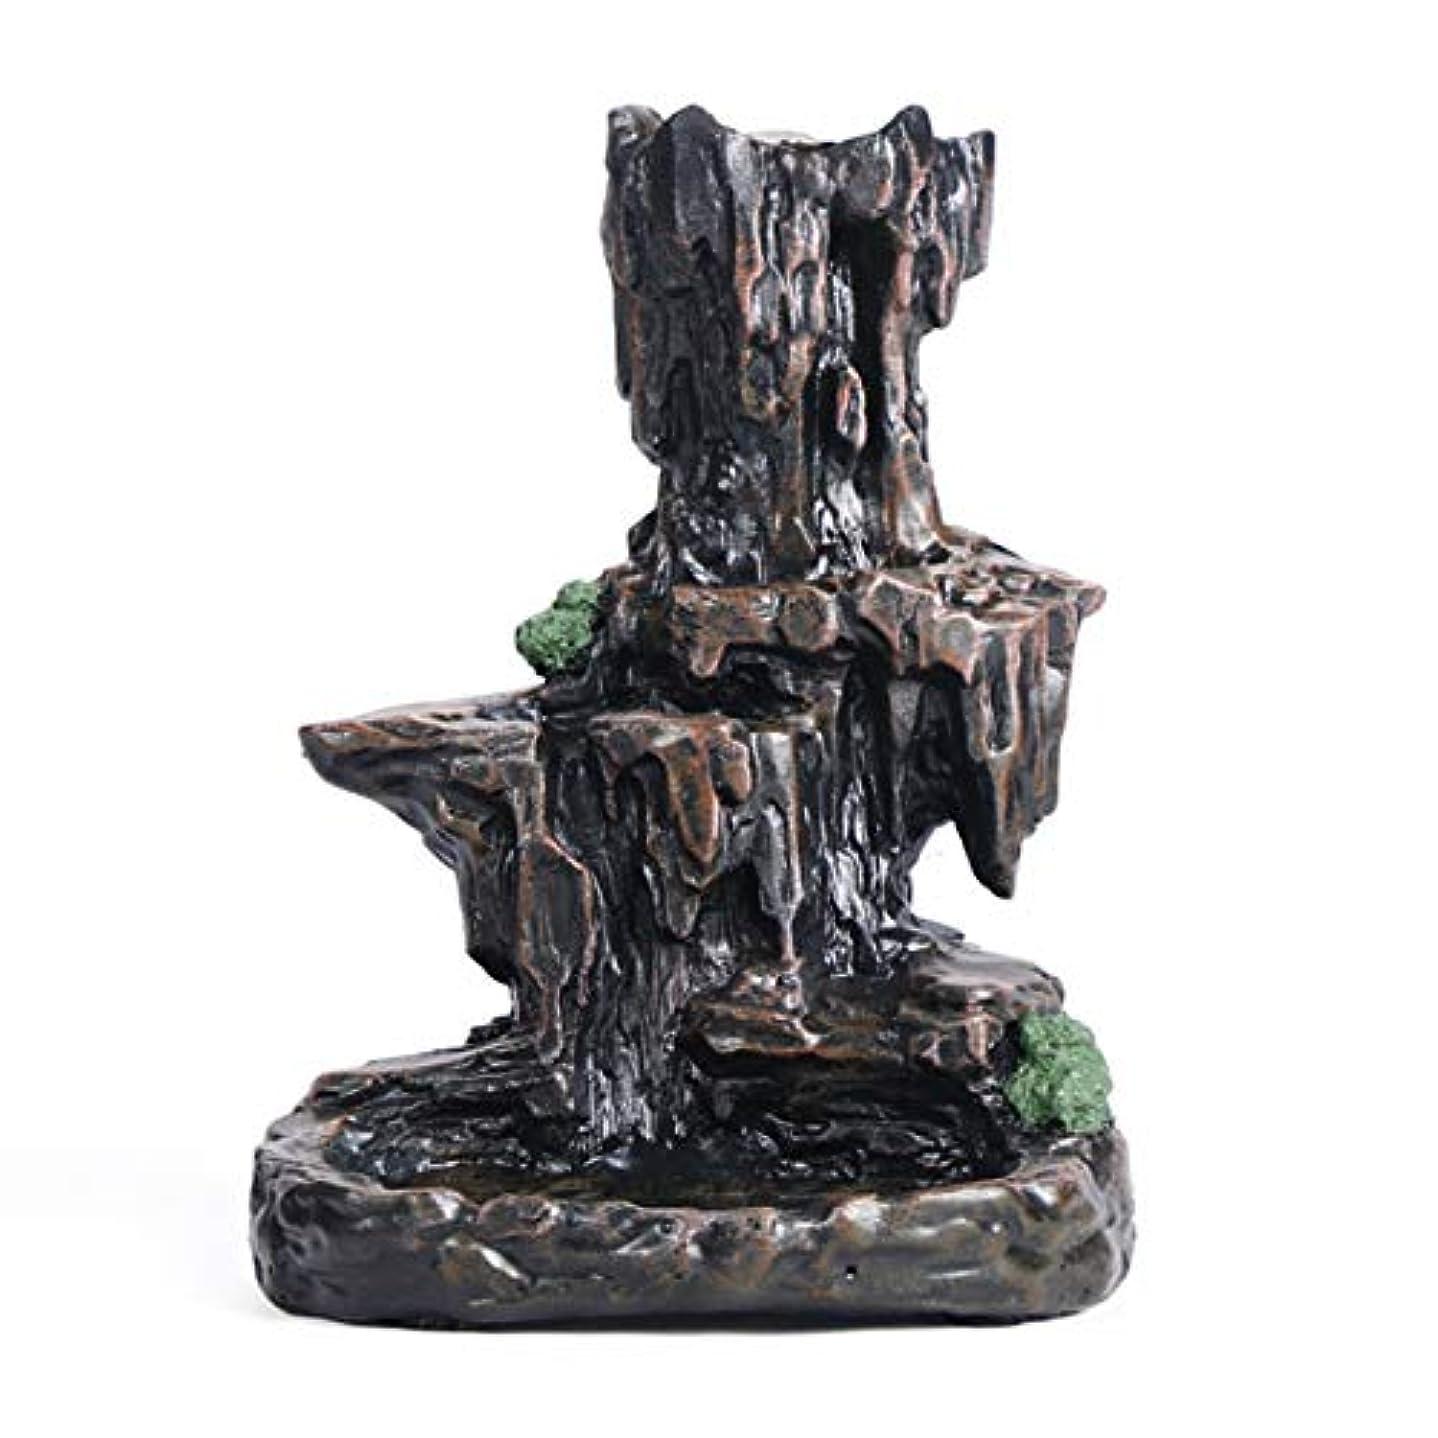 アカデミースクラップ着陸逆流香バーナー香スティックコイルホルダーRockeryマウンテンストリーム香りの香炉の装飾